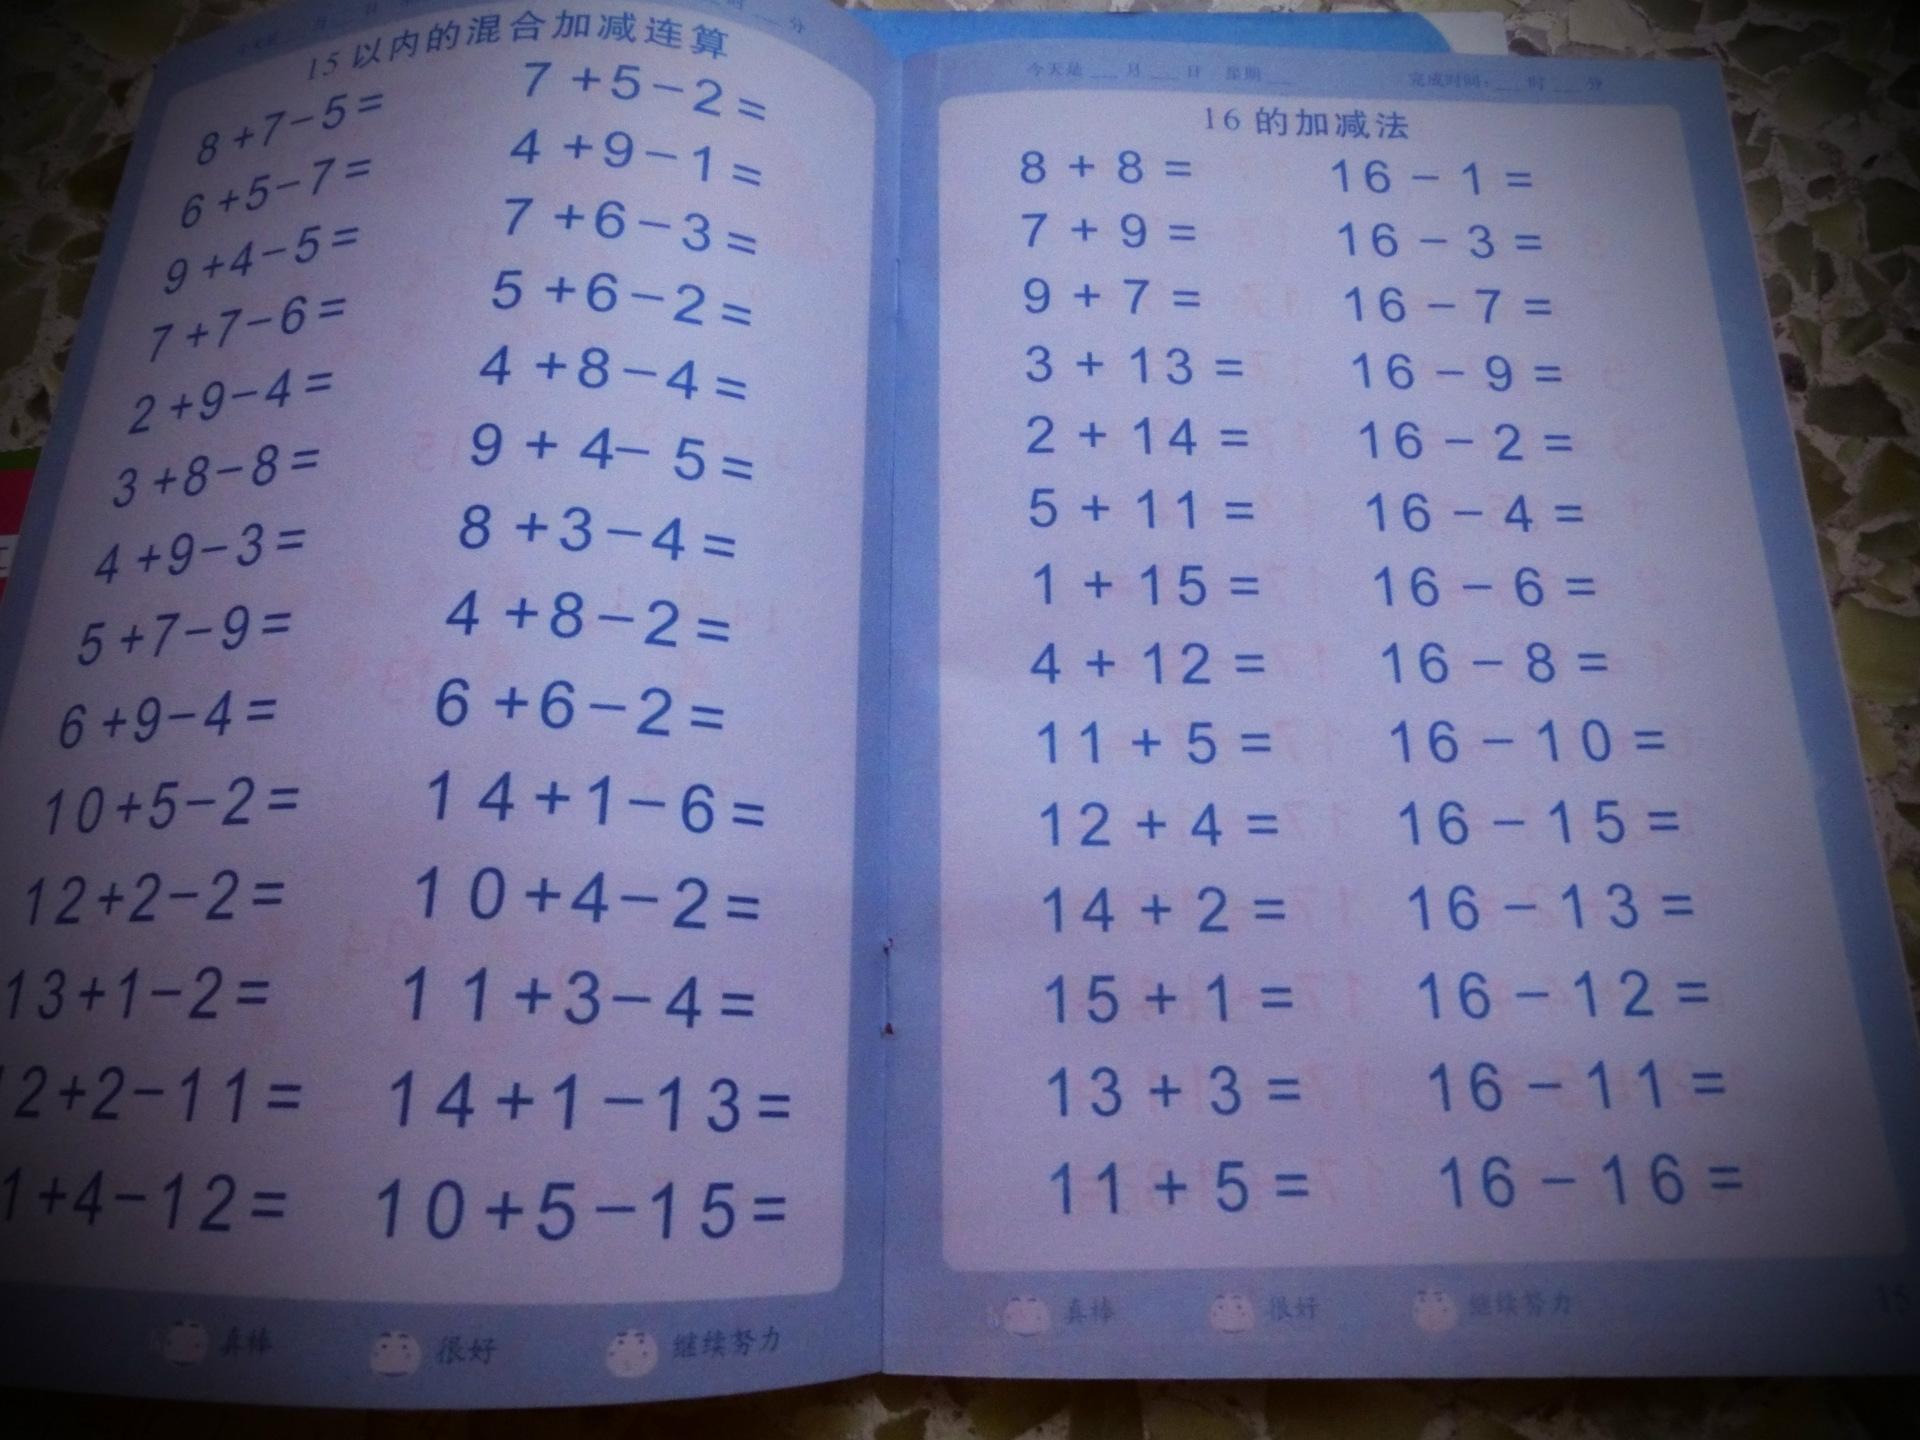 幼儿园描红本练习册 儿童汉字数字拼音笔顺铅笔描红